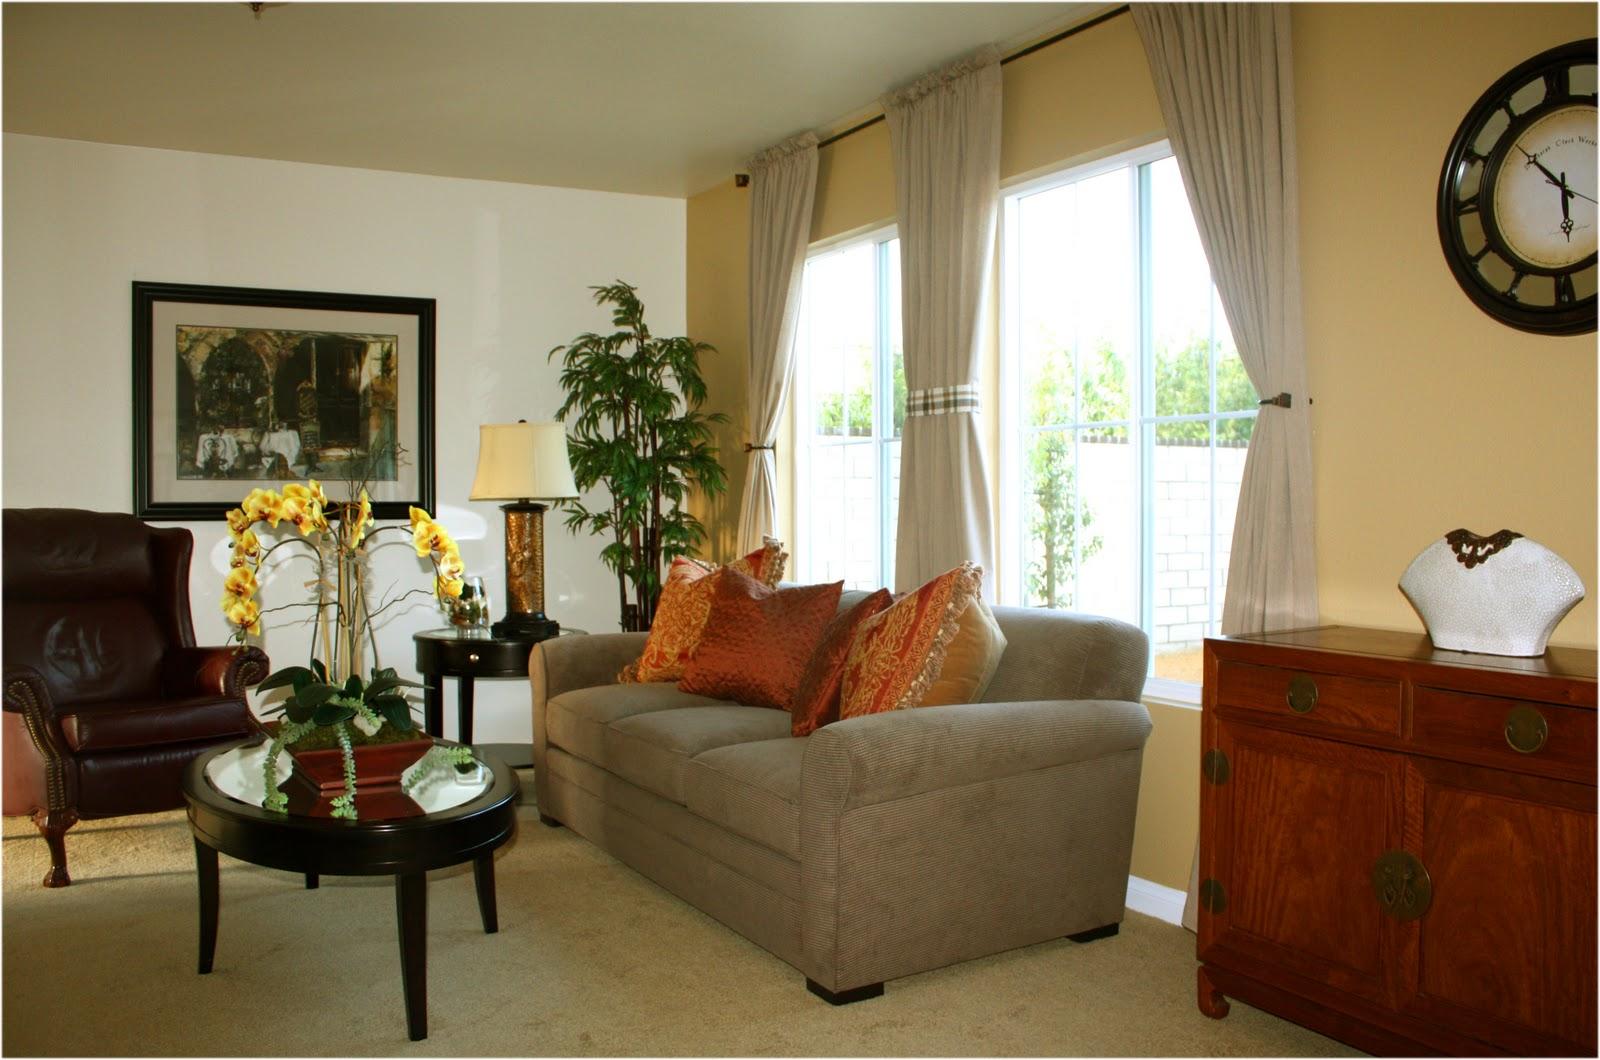 Average living room - Fine Design Layers Of Design Putting A Room Together Average Living